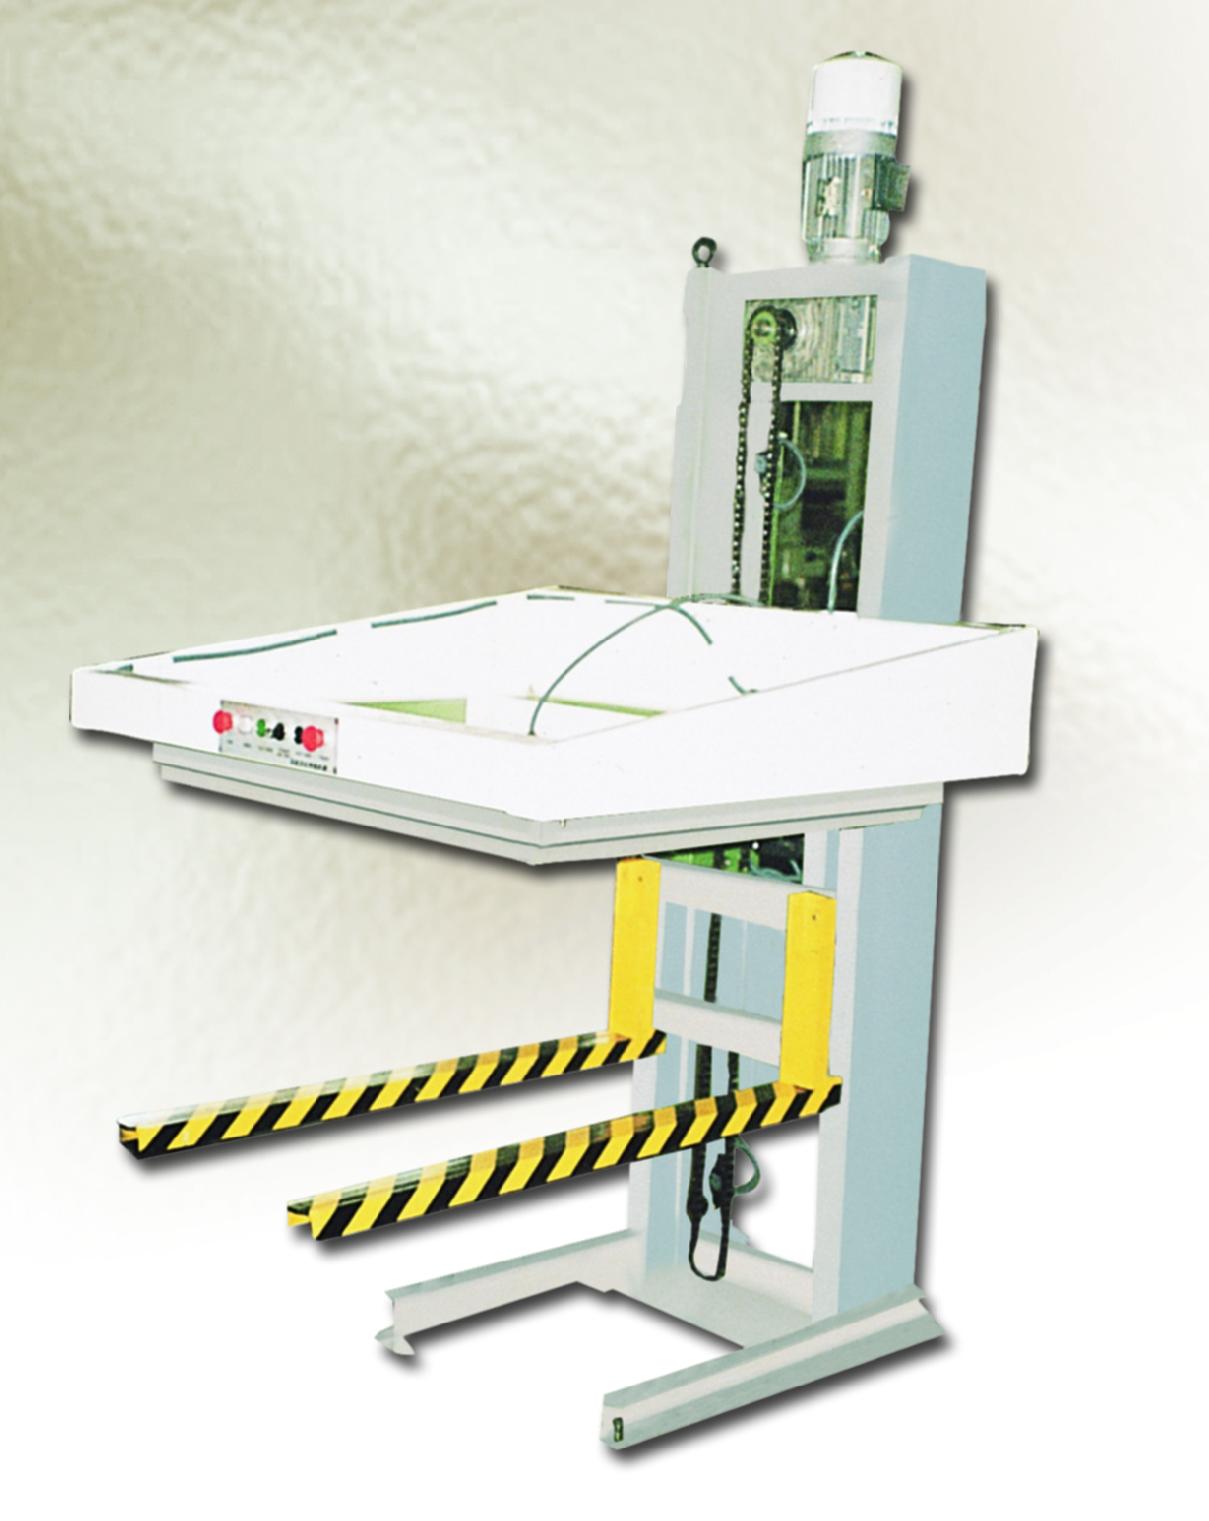 TZL-100 OTOMATİK TOZLAMA MAKİNESİ